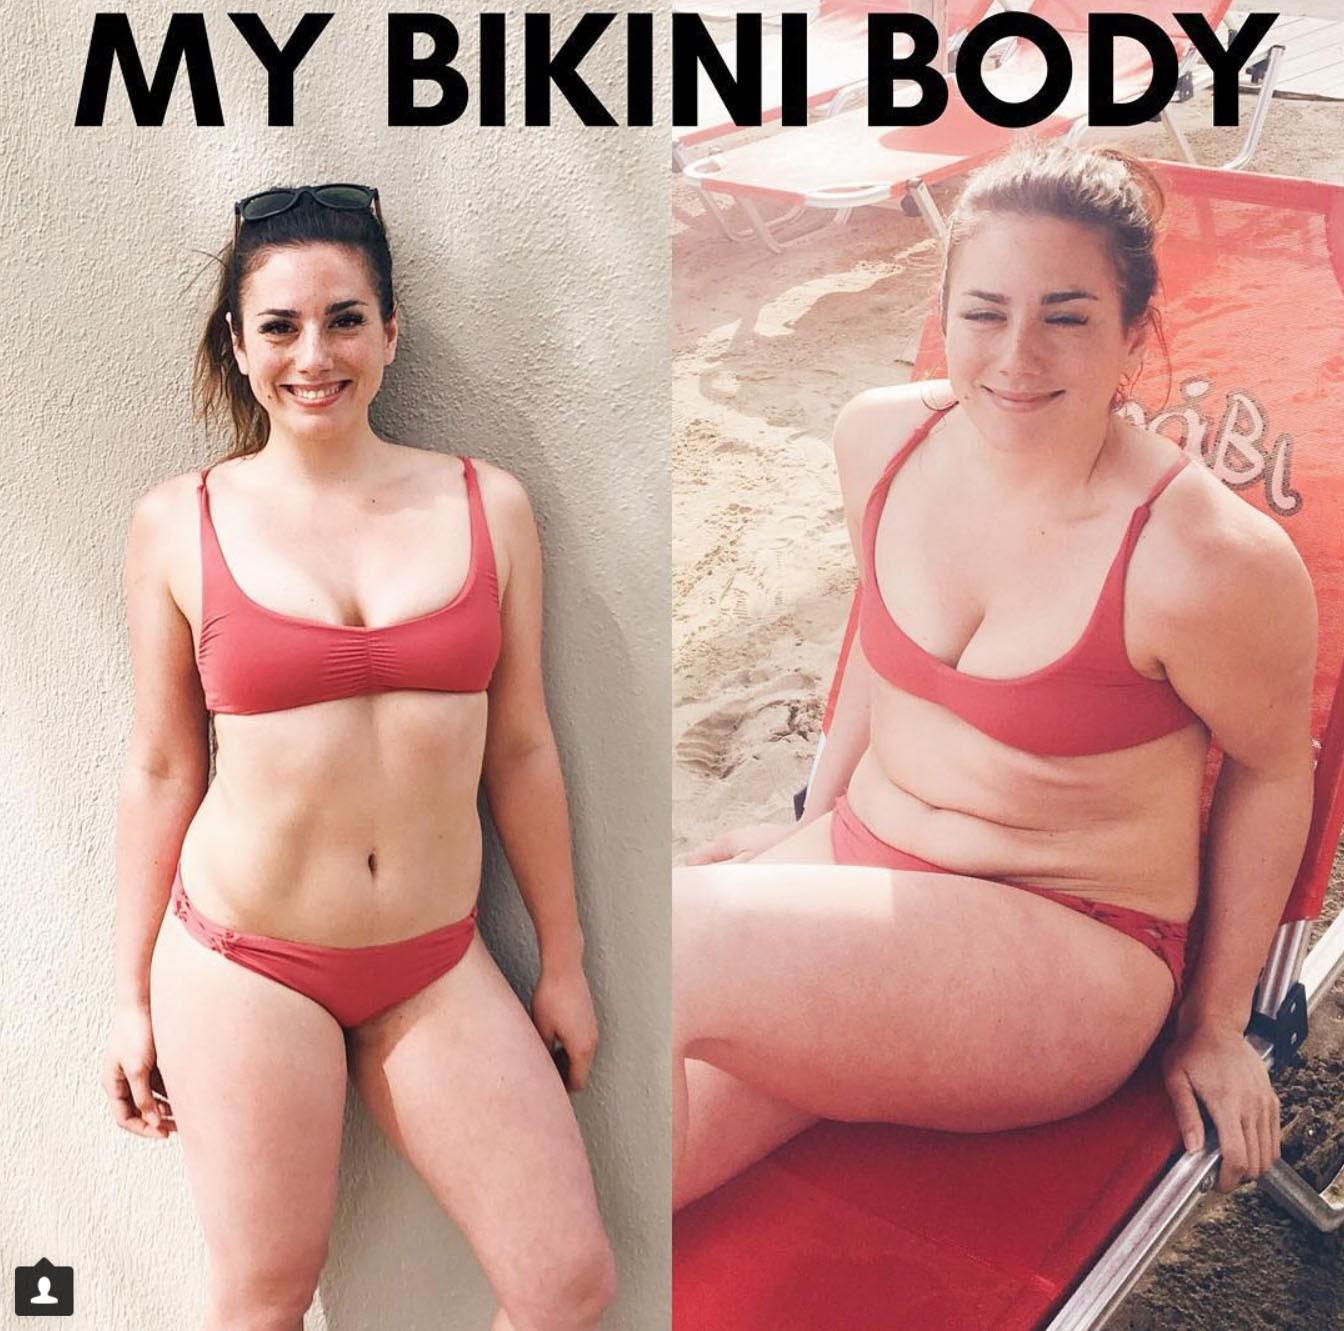 Cả thế giới đổ xô đi tập luyện để có thân hình gọn gàng, cô gái này làm điều ngược lại bởi những lý do rất tuyệt vời - Ảnh 1.